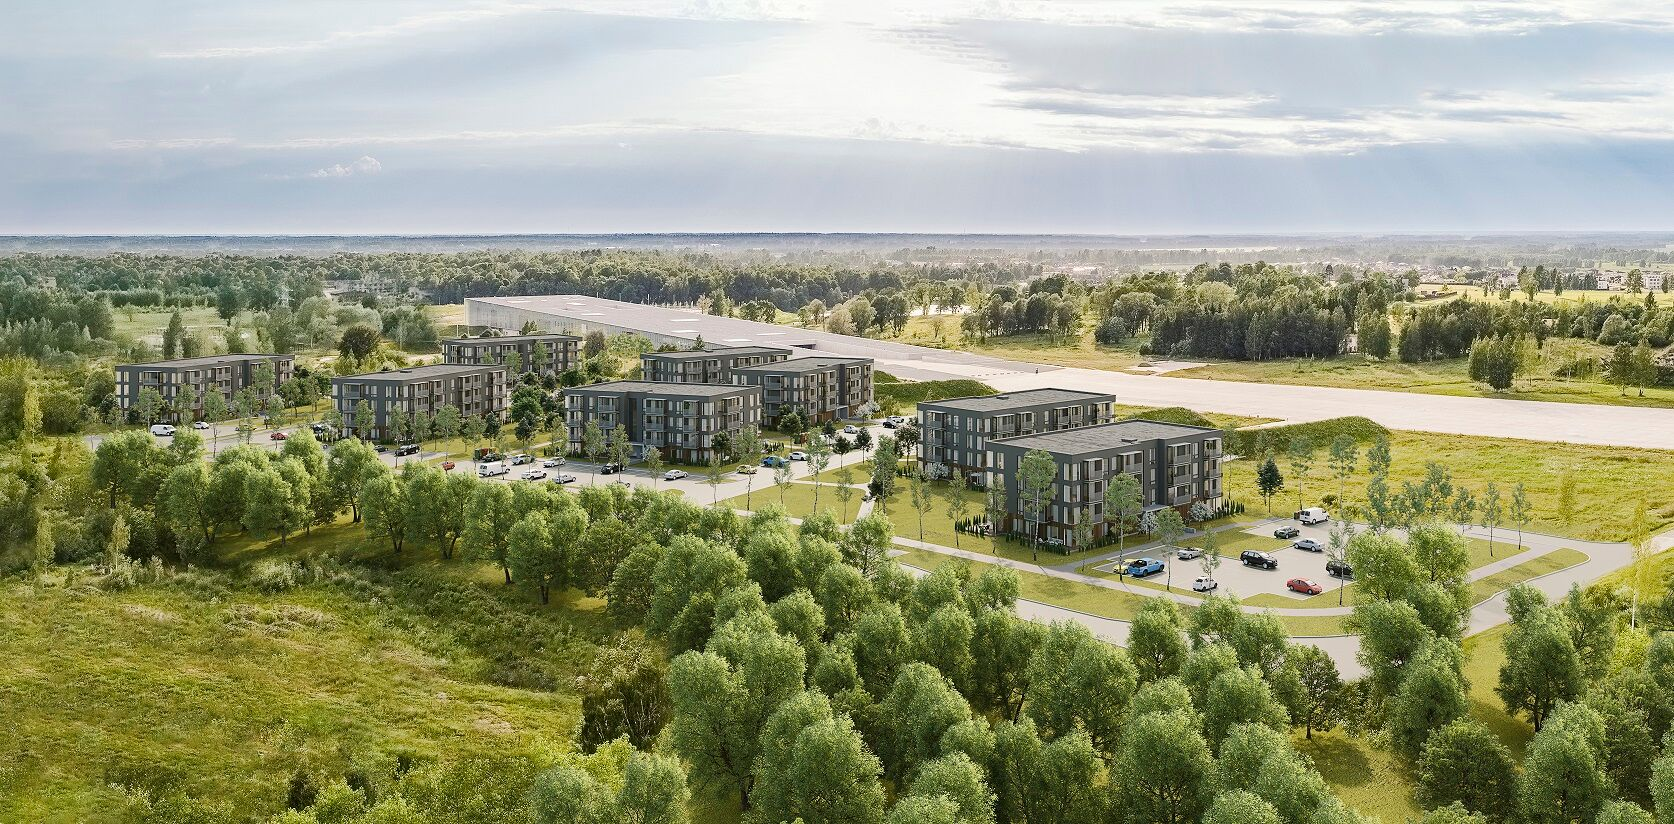 Tartu linn saab juurde 256 korterit / Mapri Ehitus ja NOBE sõlmisid ehituslepingu Raadimõisa Kodu elamurajooni rajamiseks